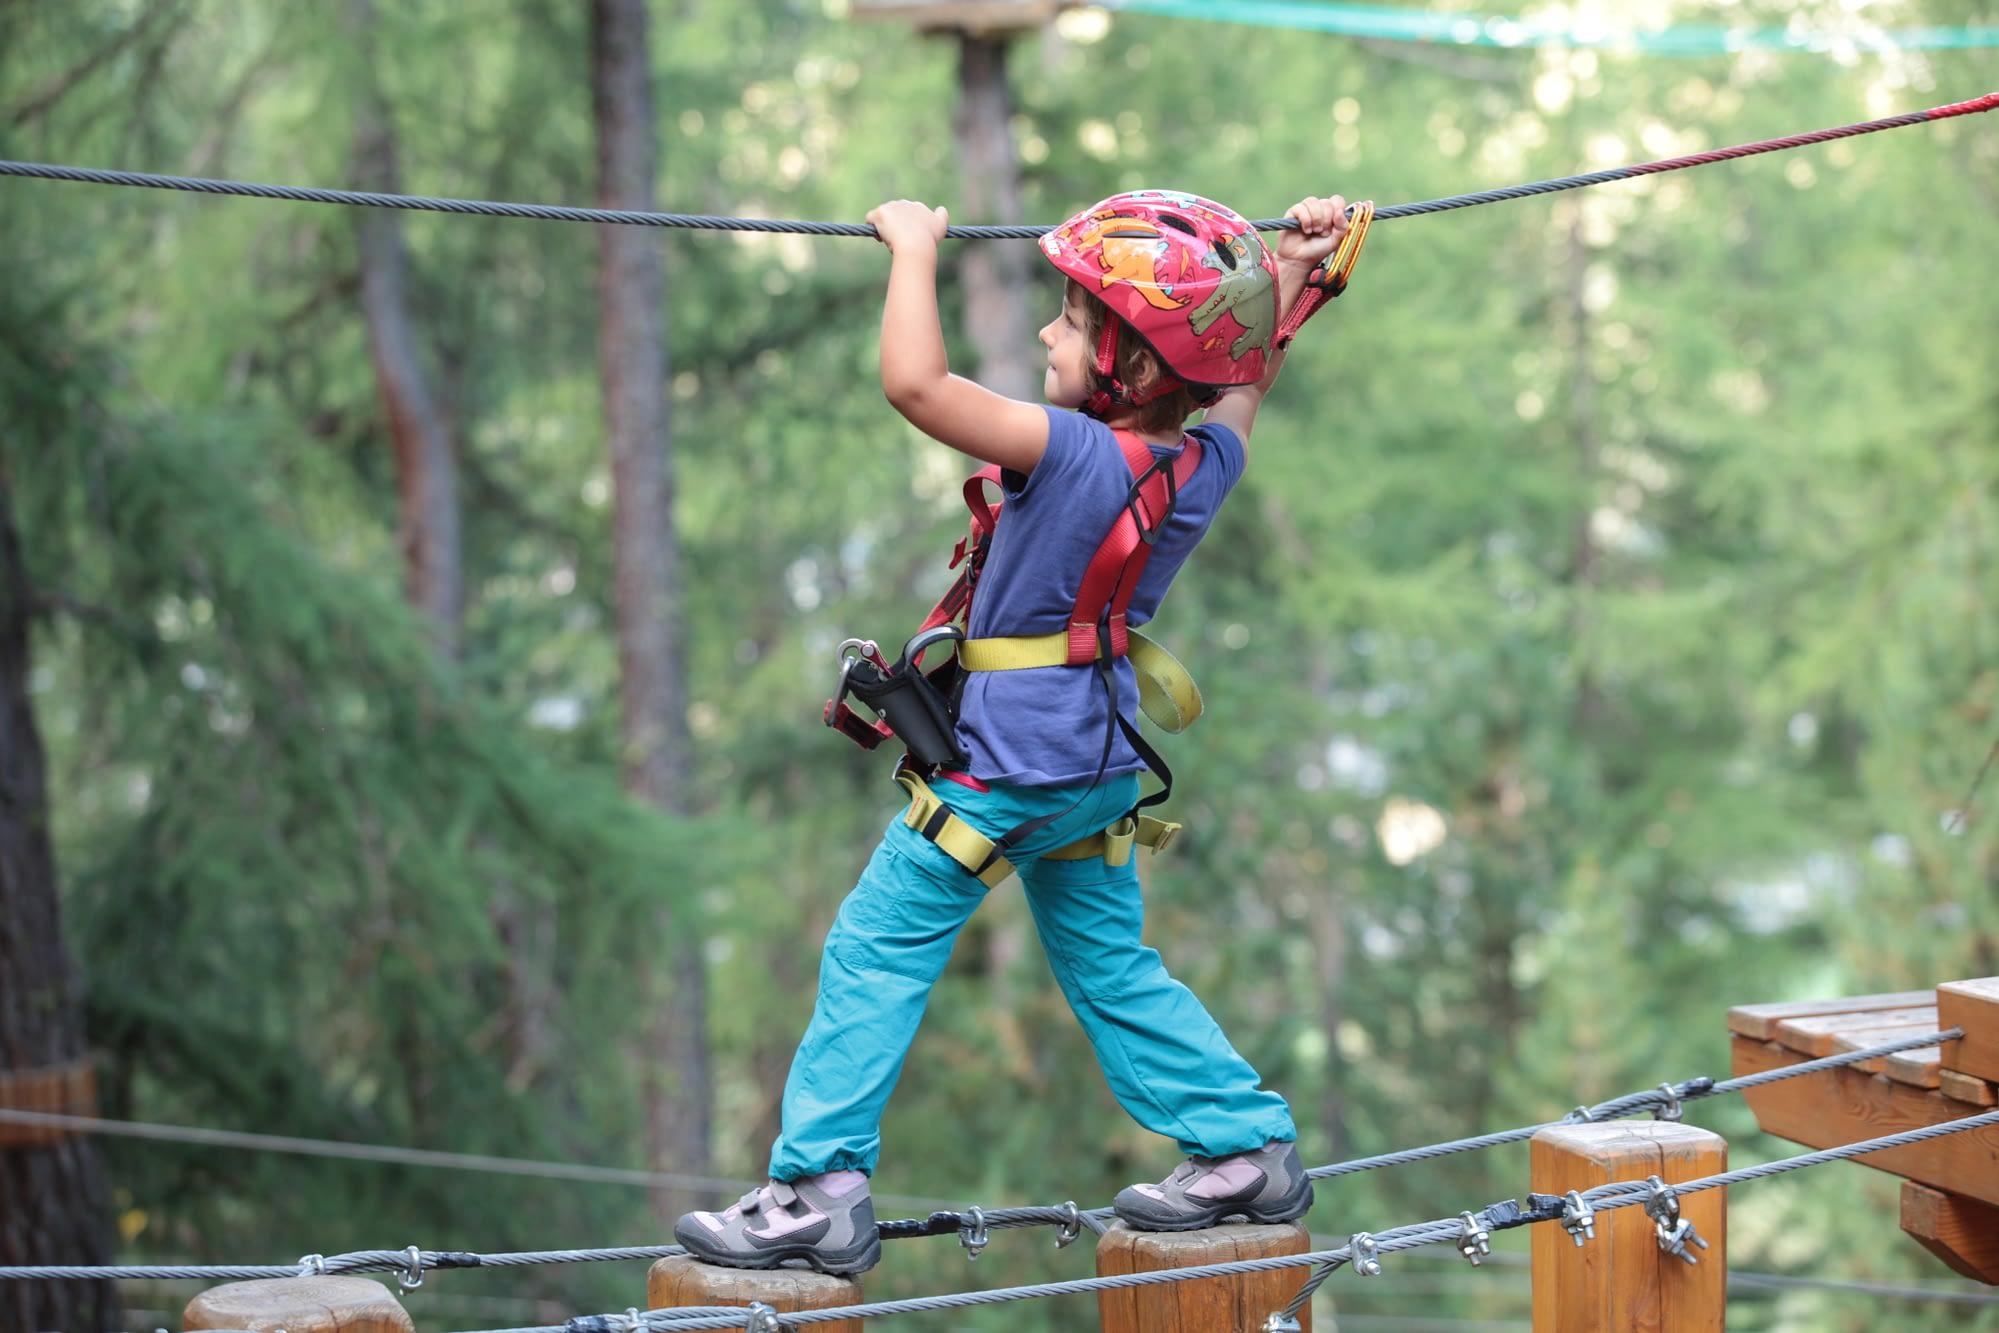 Bambini in azione al Larix Park